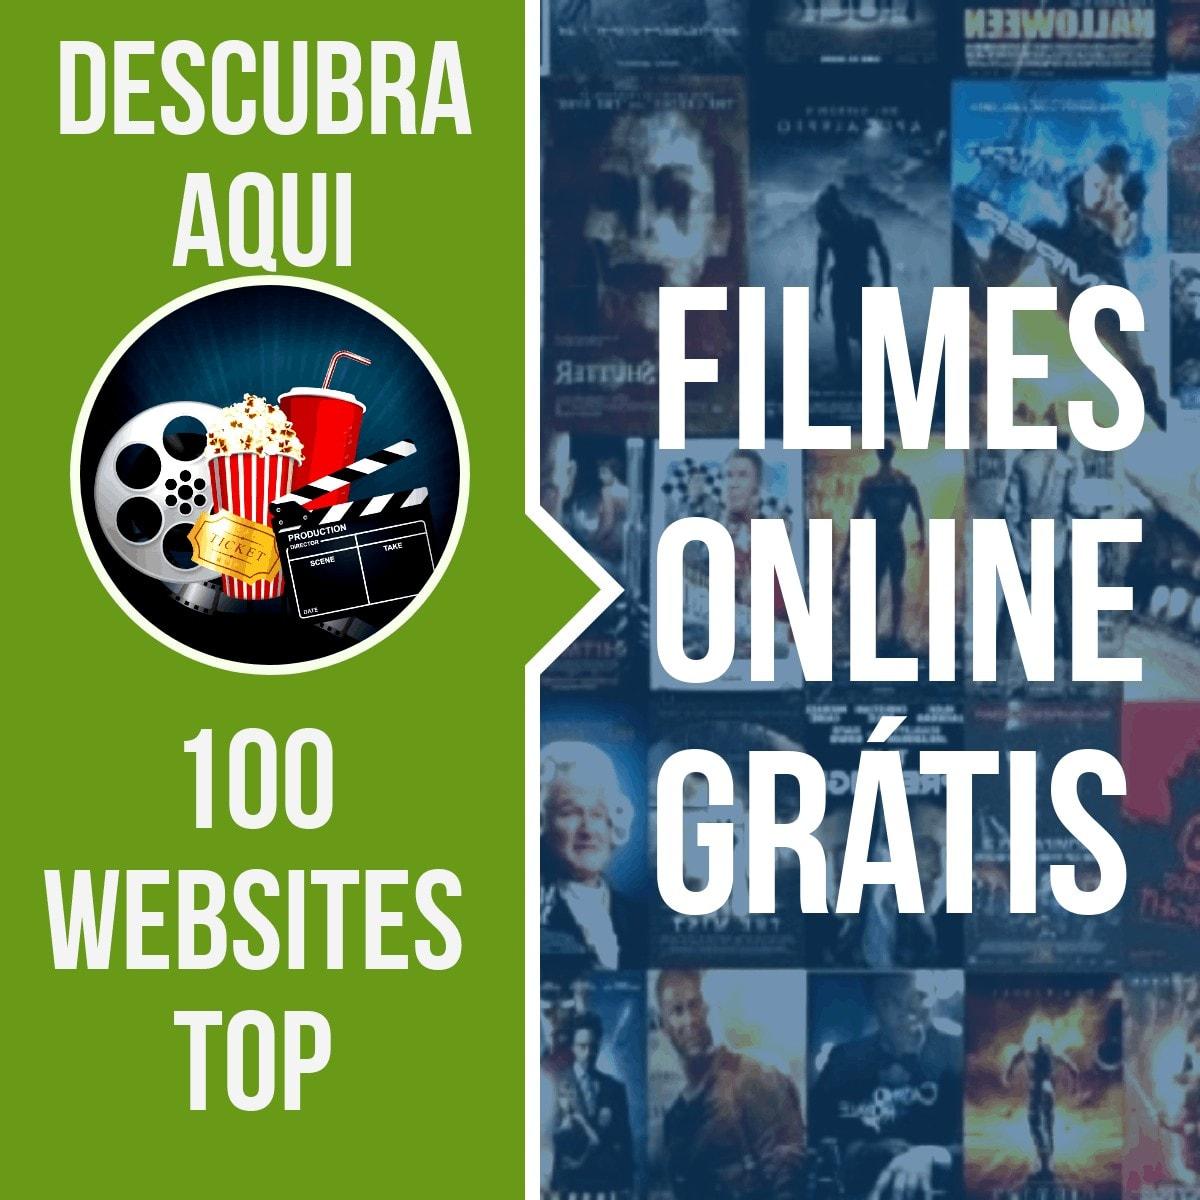 sites filmes séries online grátis